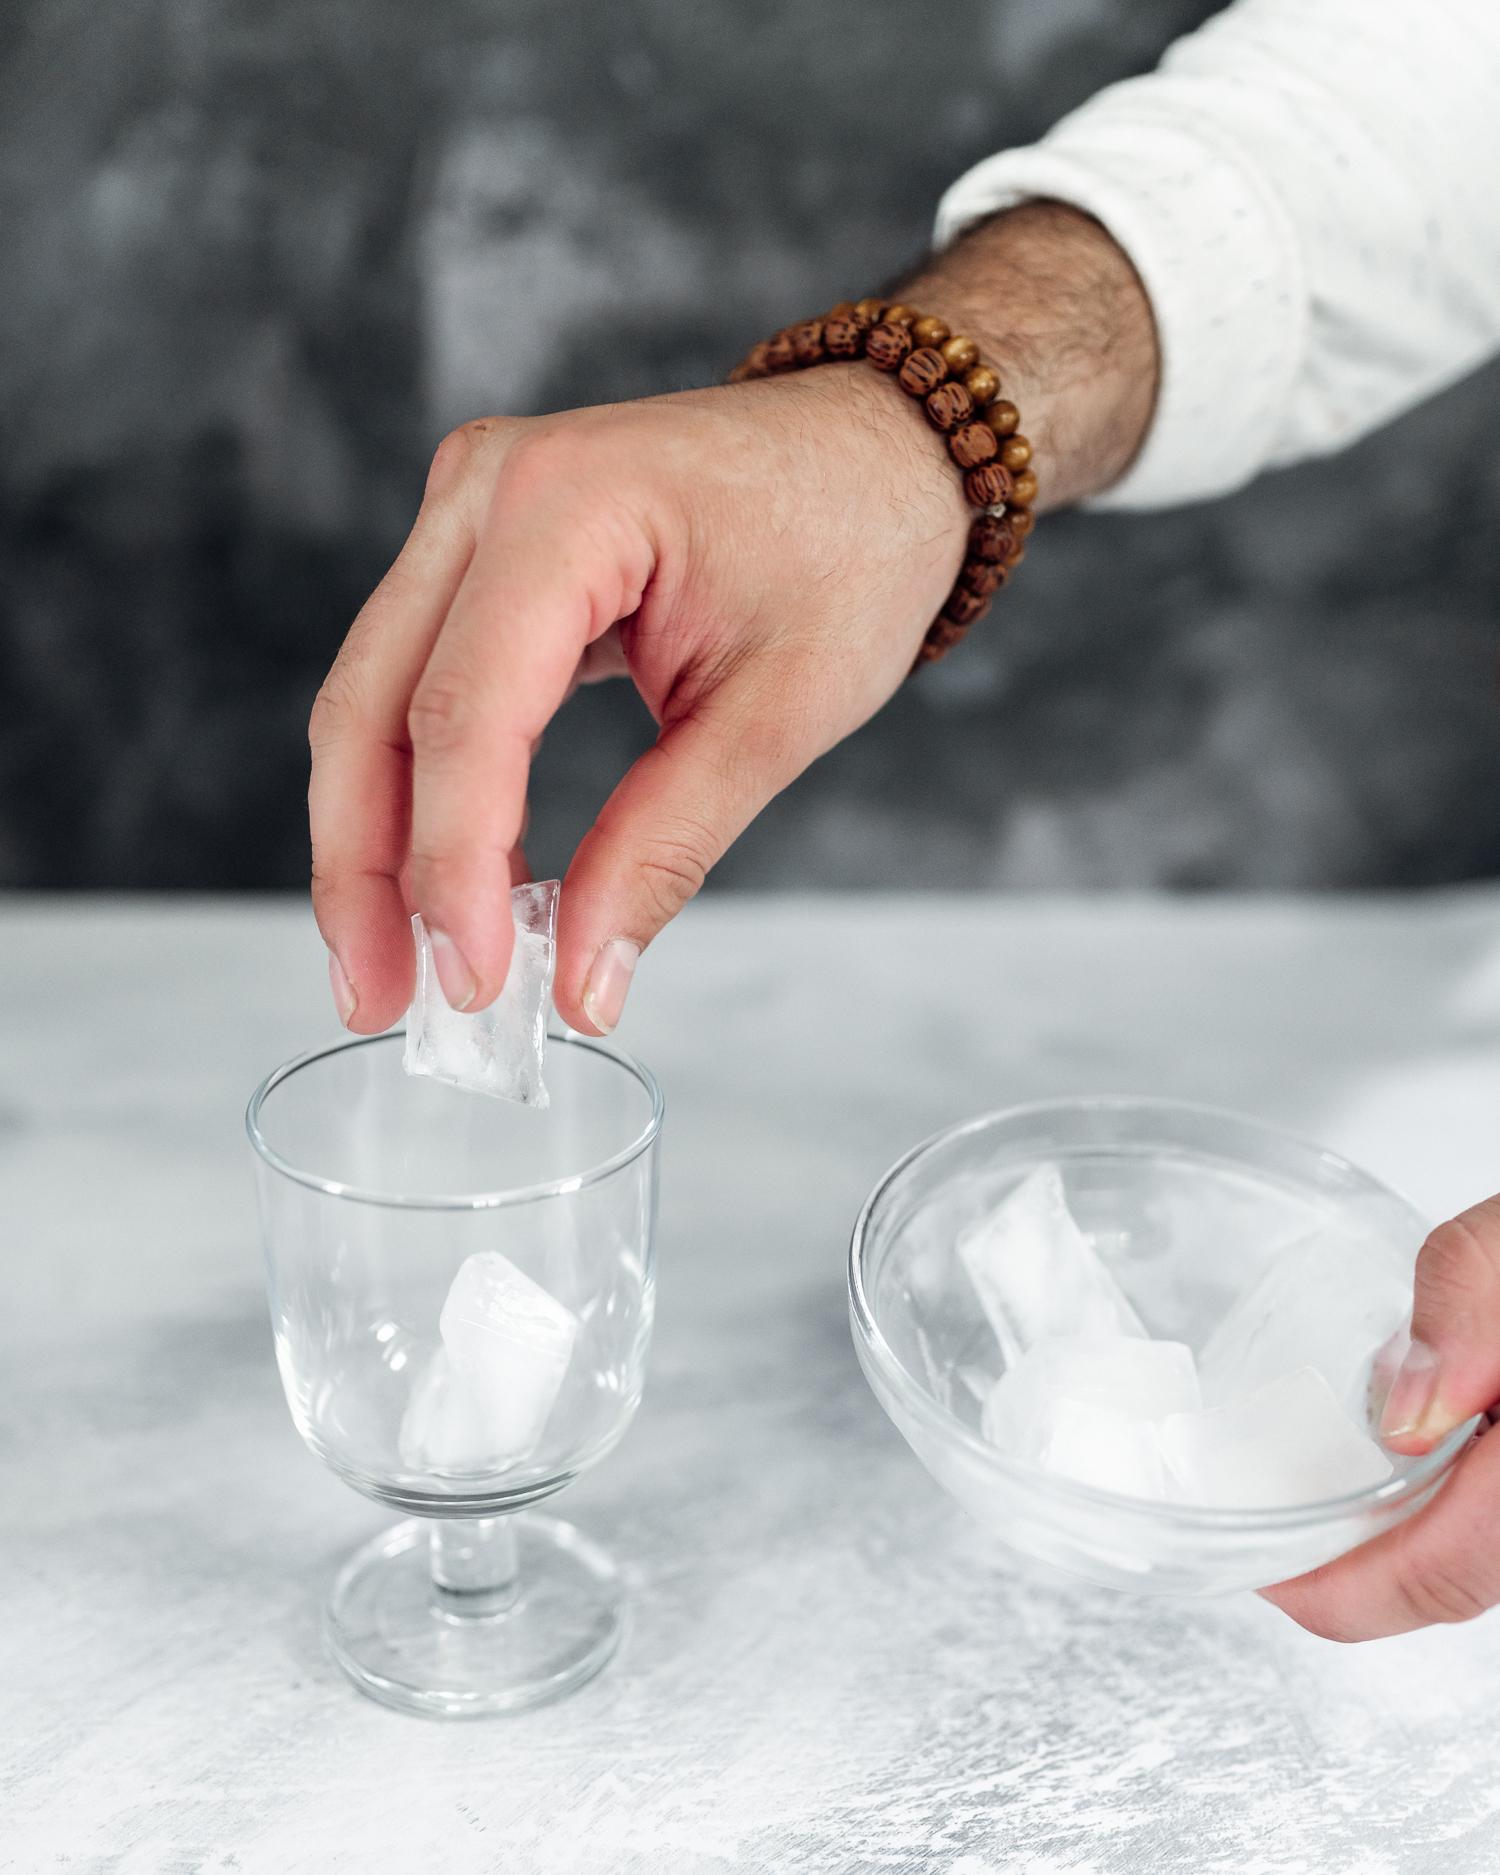 Tillsätt is i glaset.